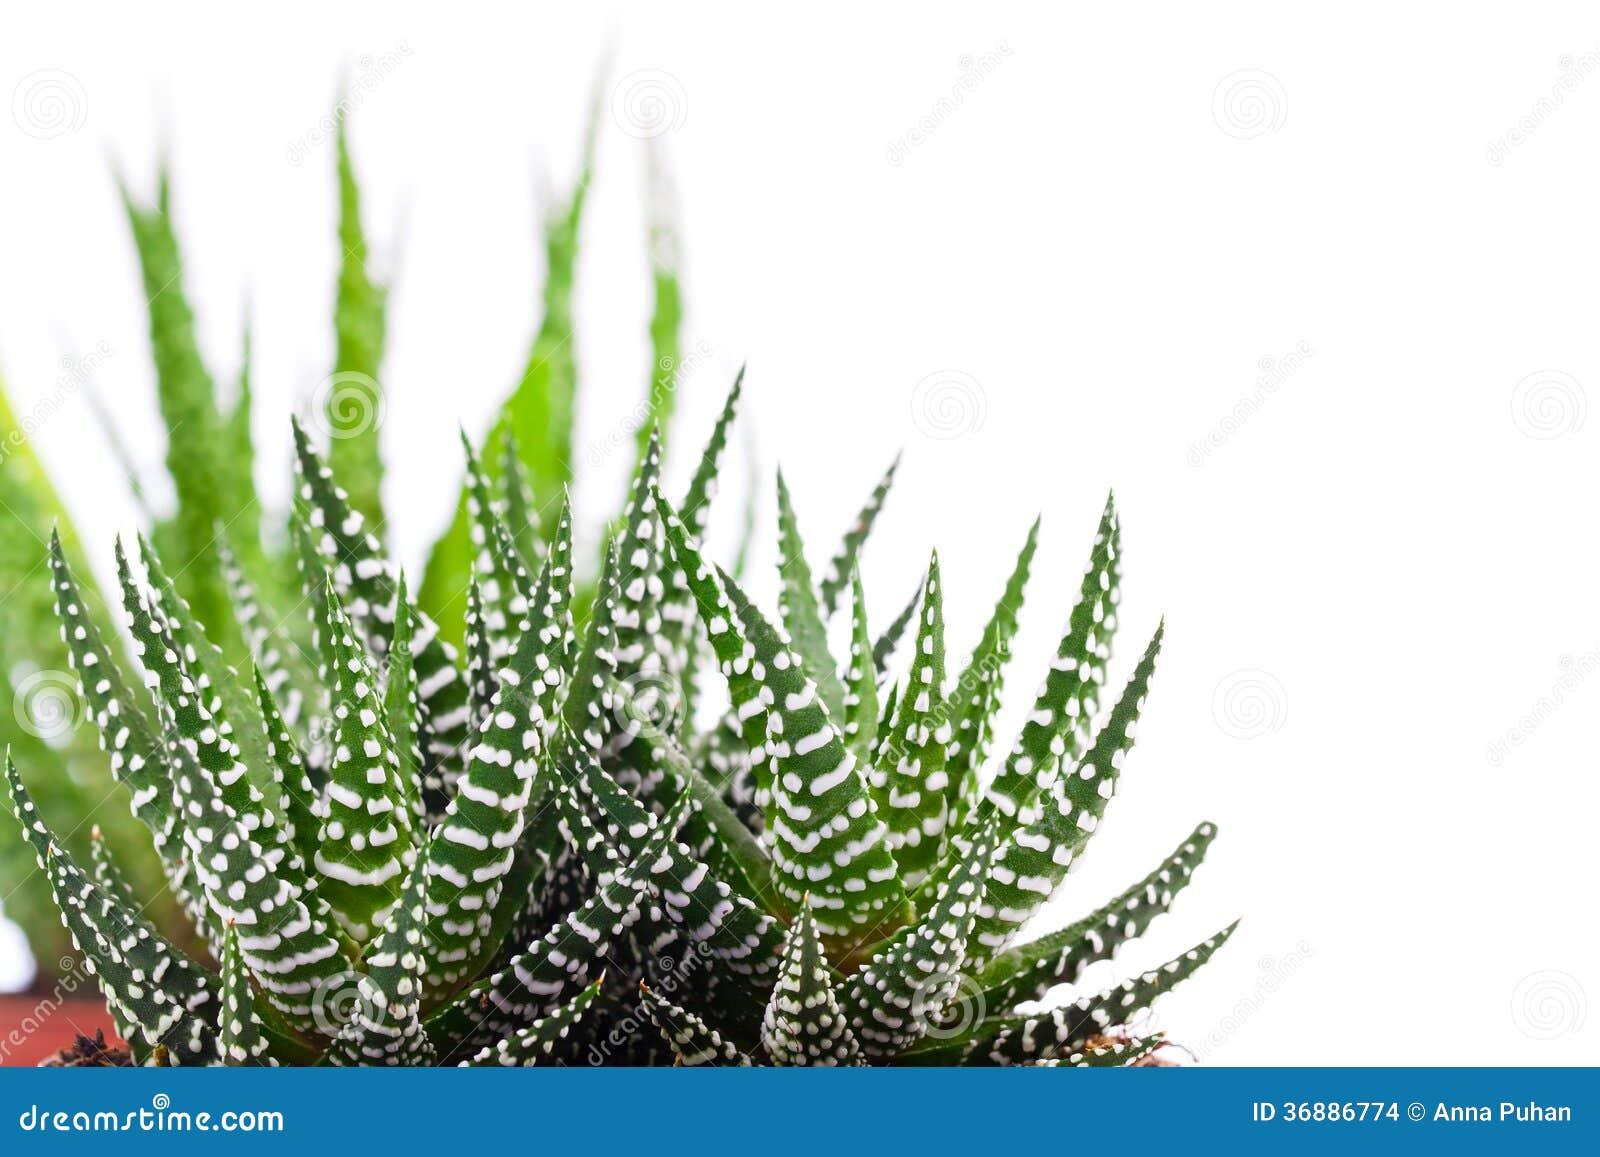 Download Aloe fotografia stock. Immagine di frondeggia, verde - 36886774